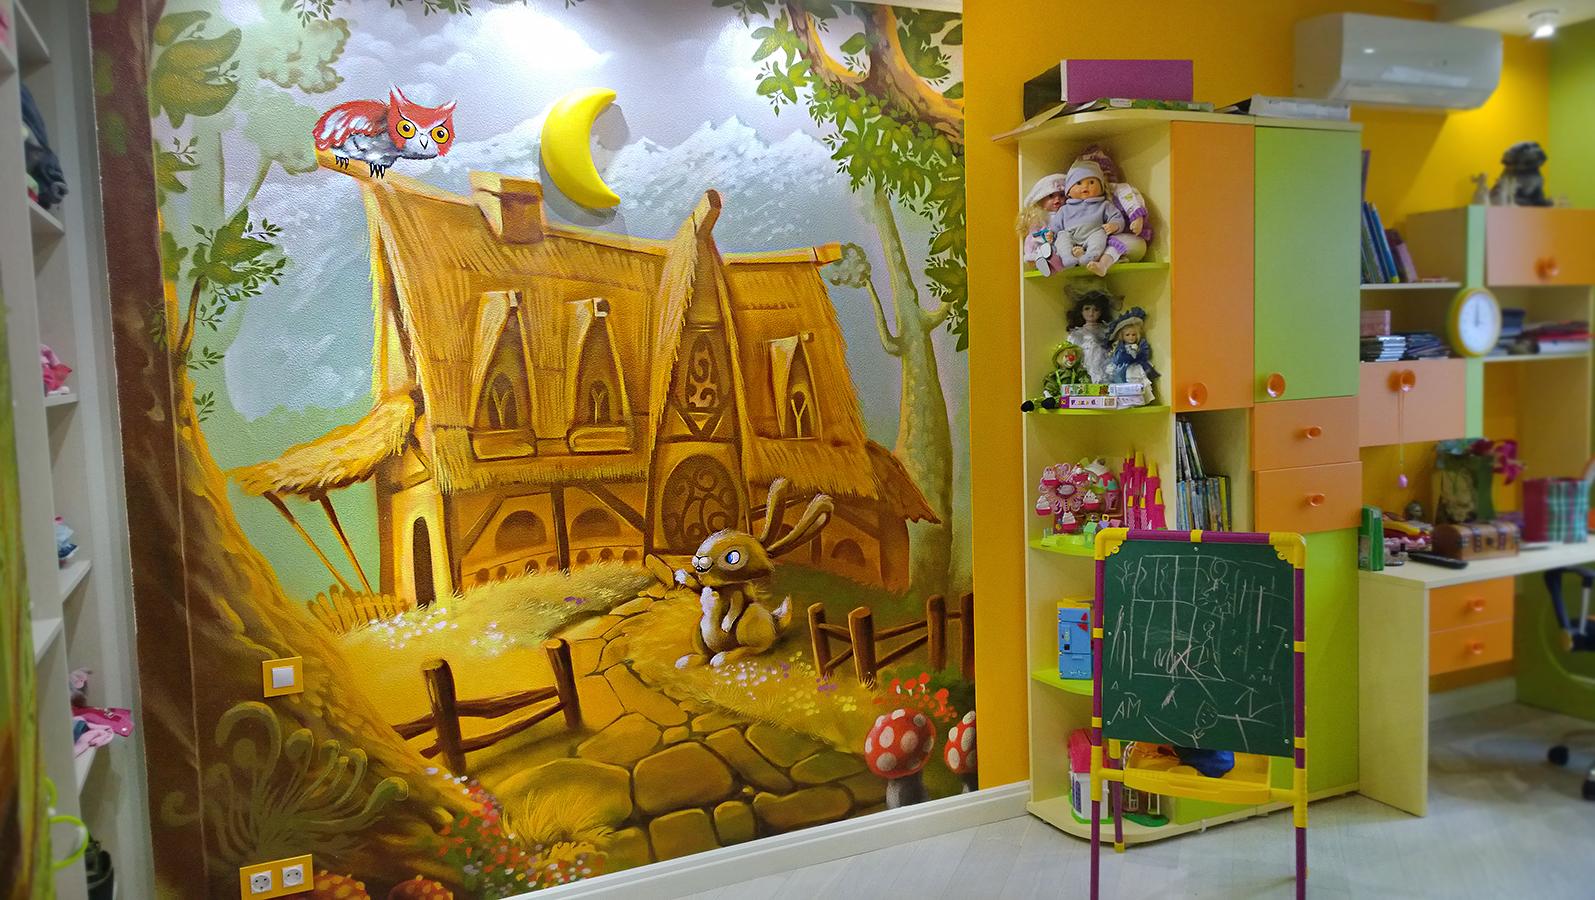 Художественная роспись в детской комнате